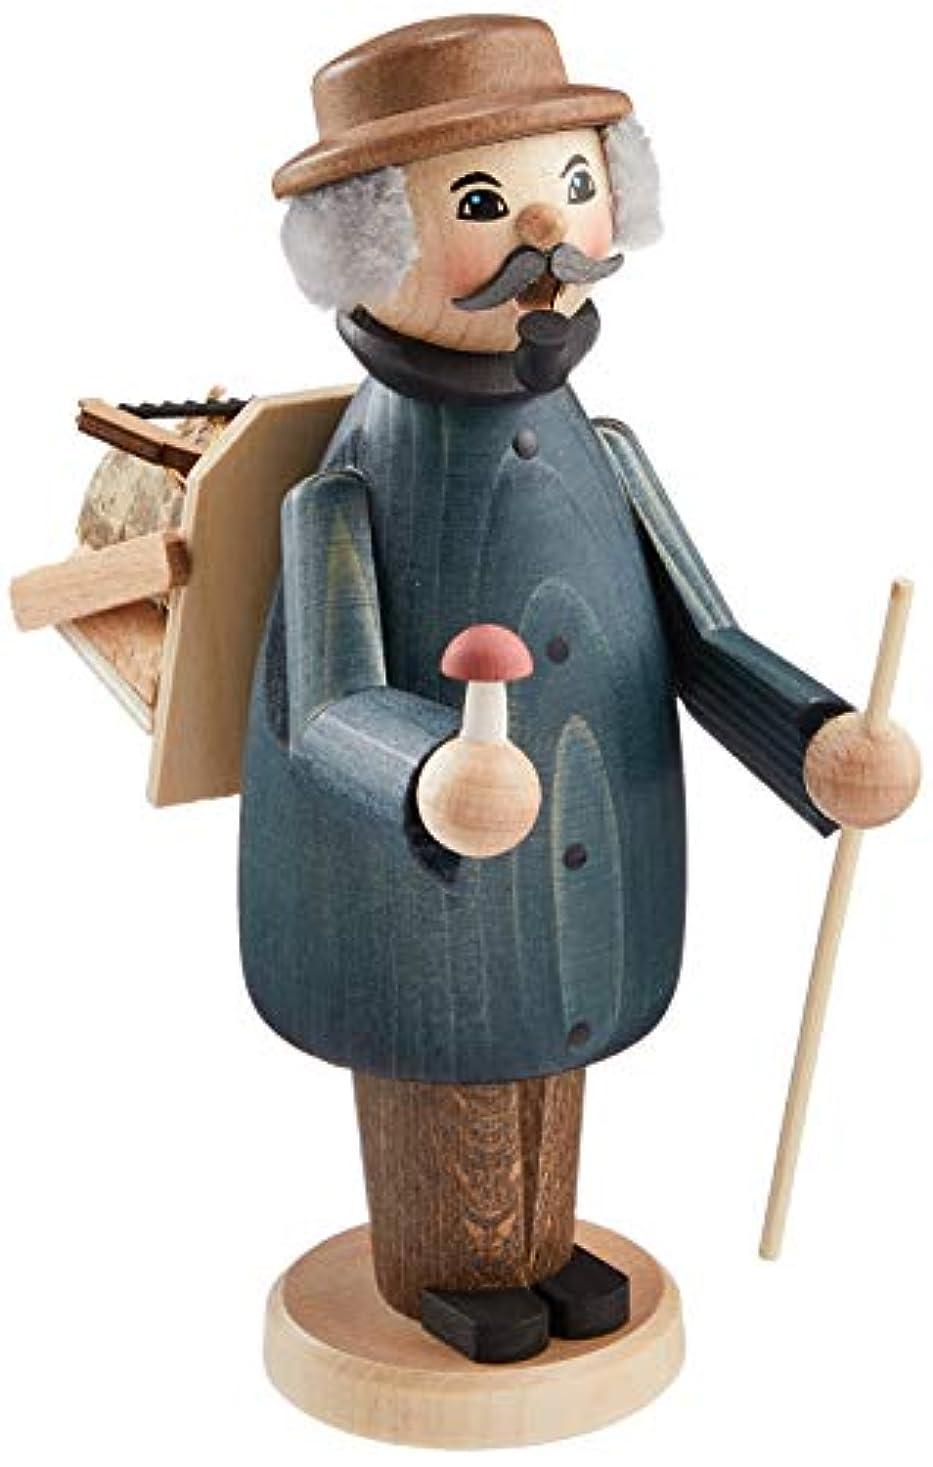 知覚できる差別する忌み嫌うkuhnert ミニパイプ人形香炉 薪拾い